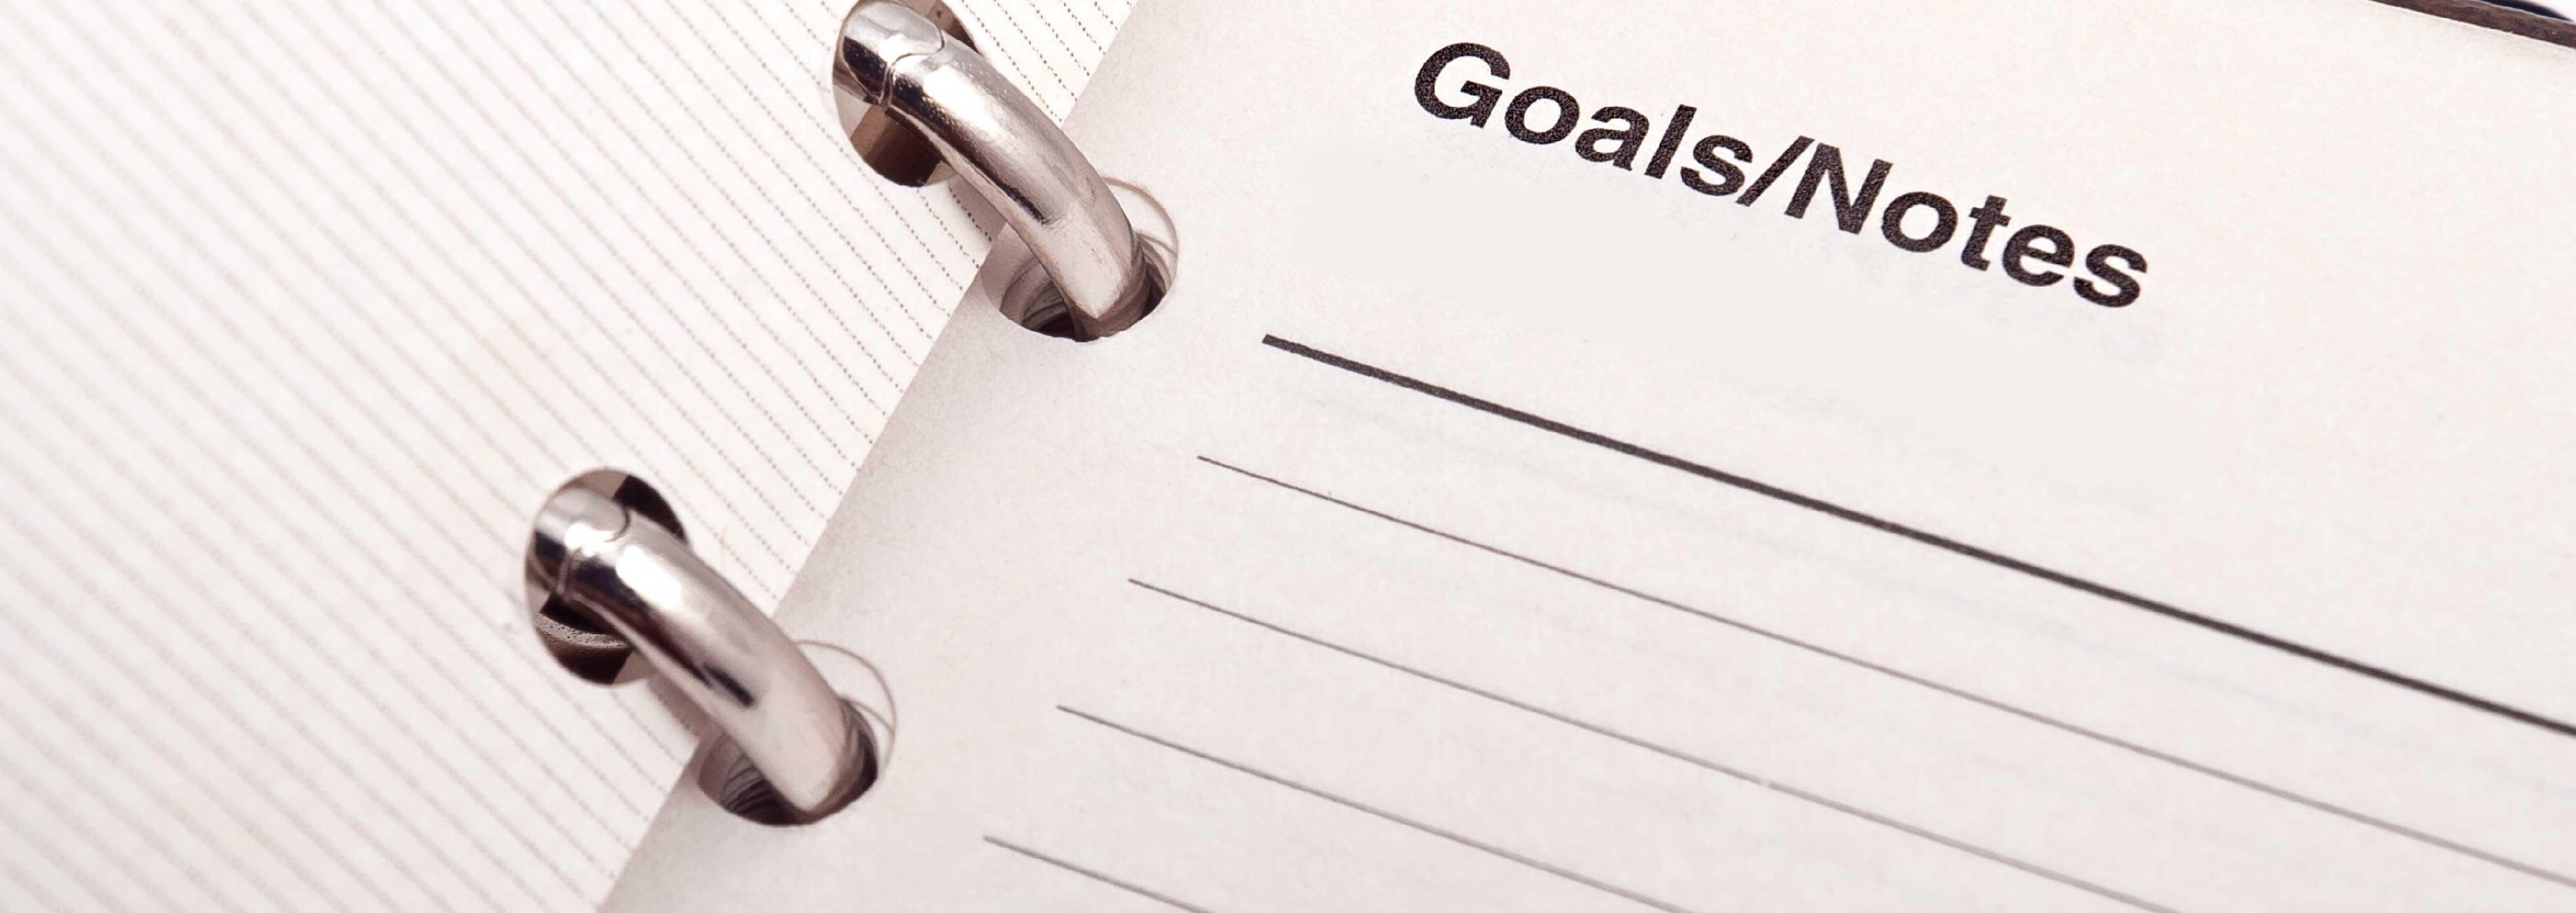 Project-Goals